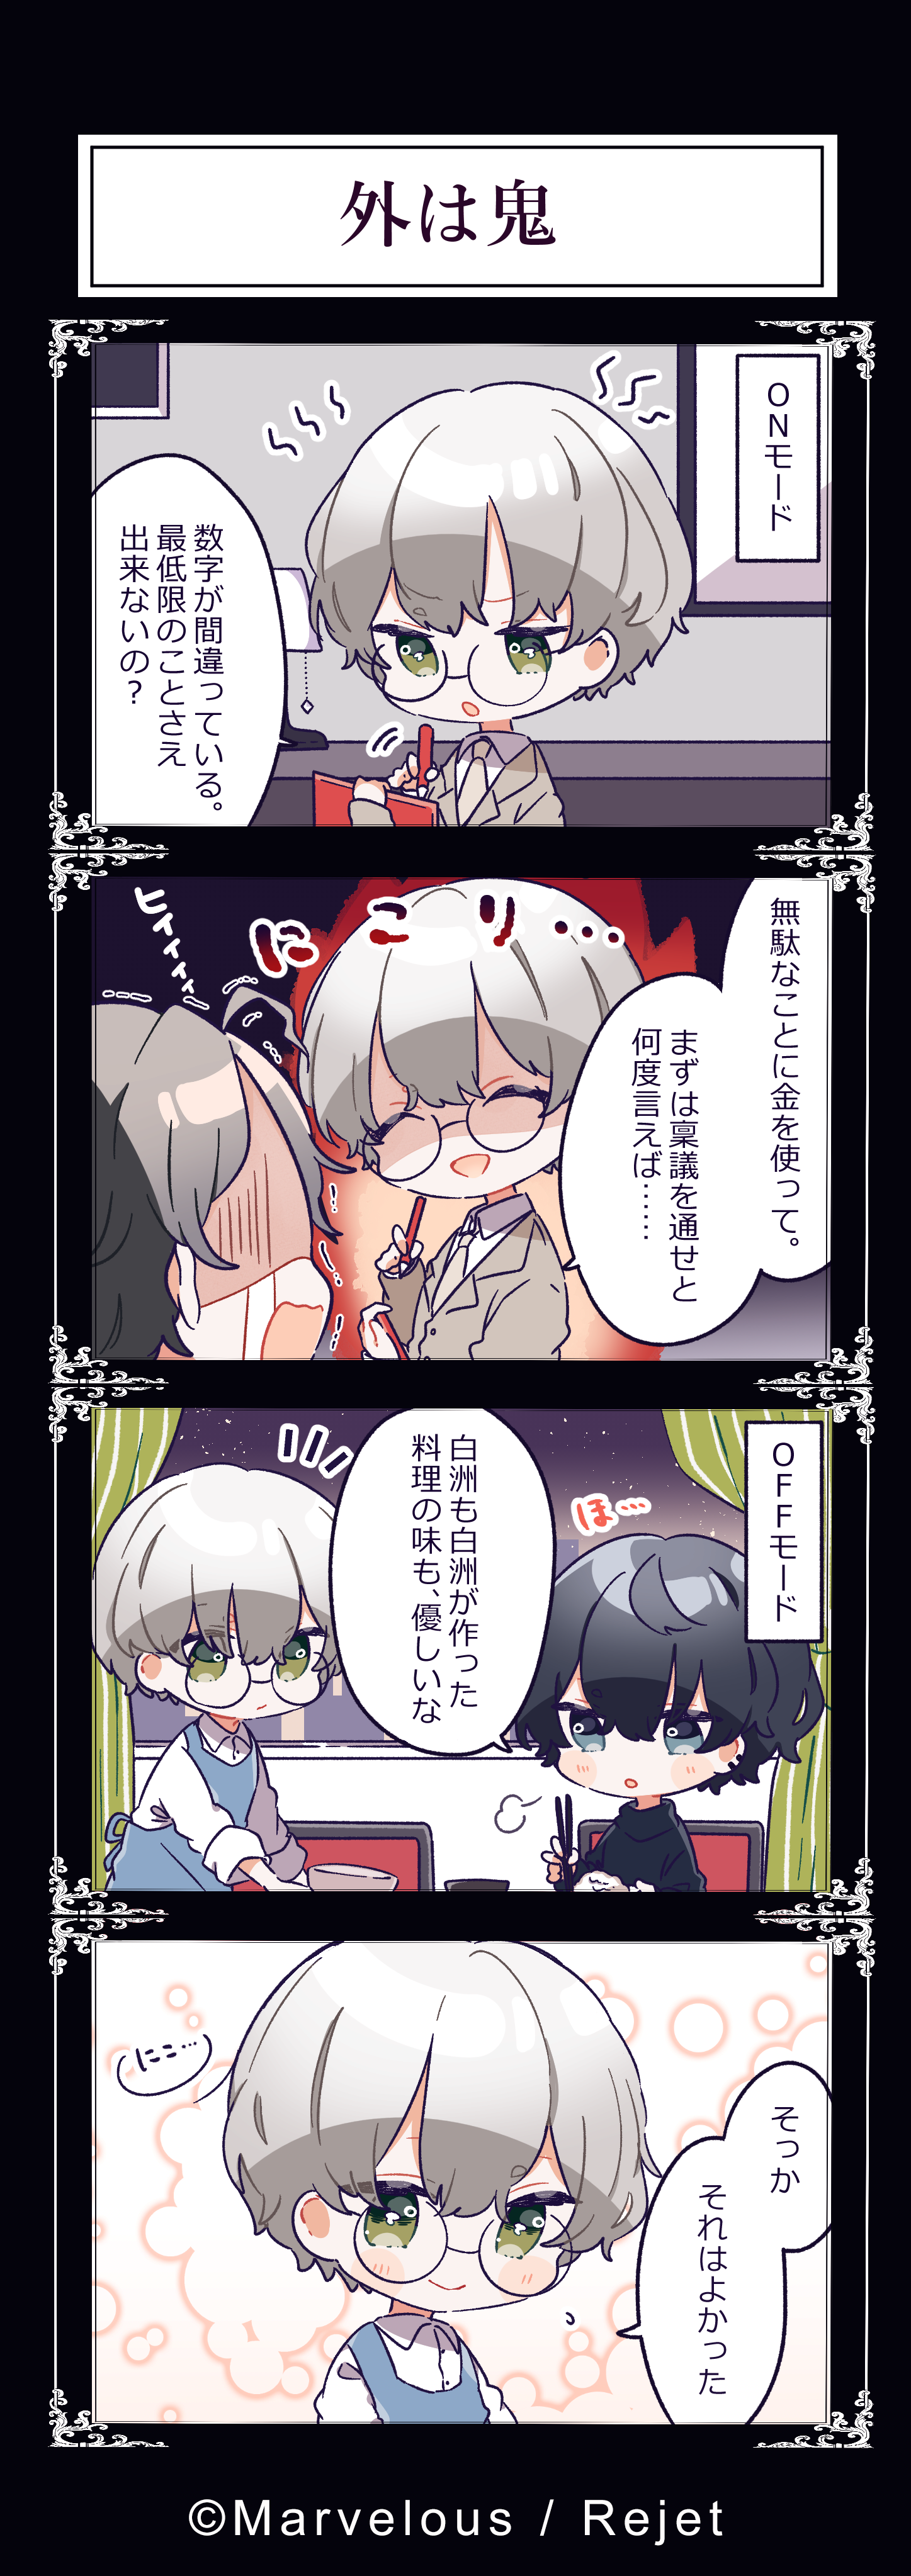 【1月】mawoko_FN4コマ_20210203.png